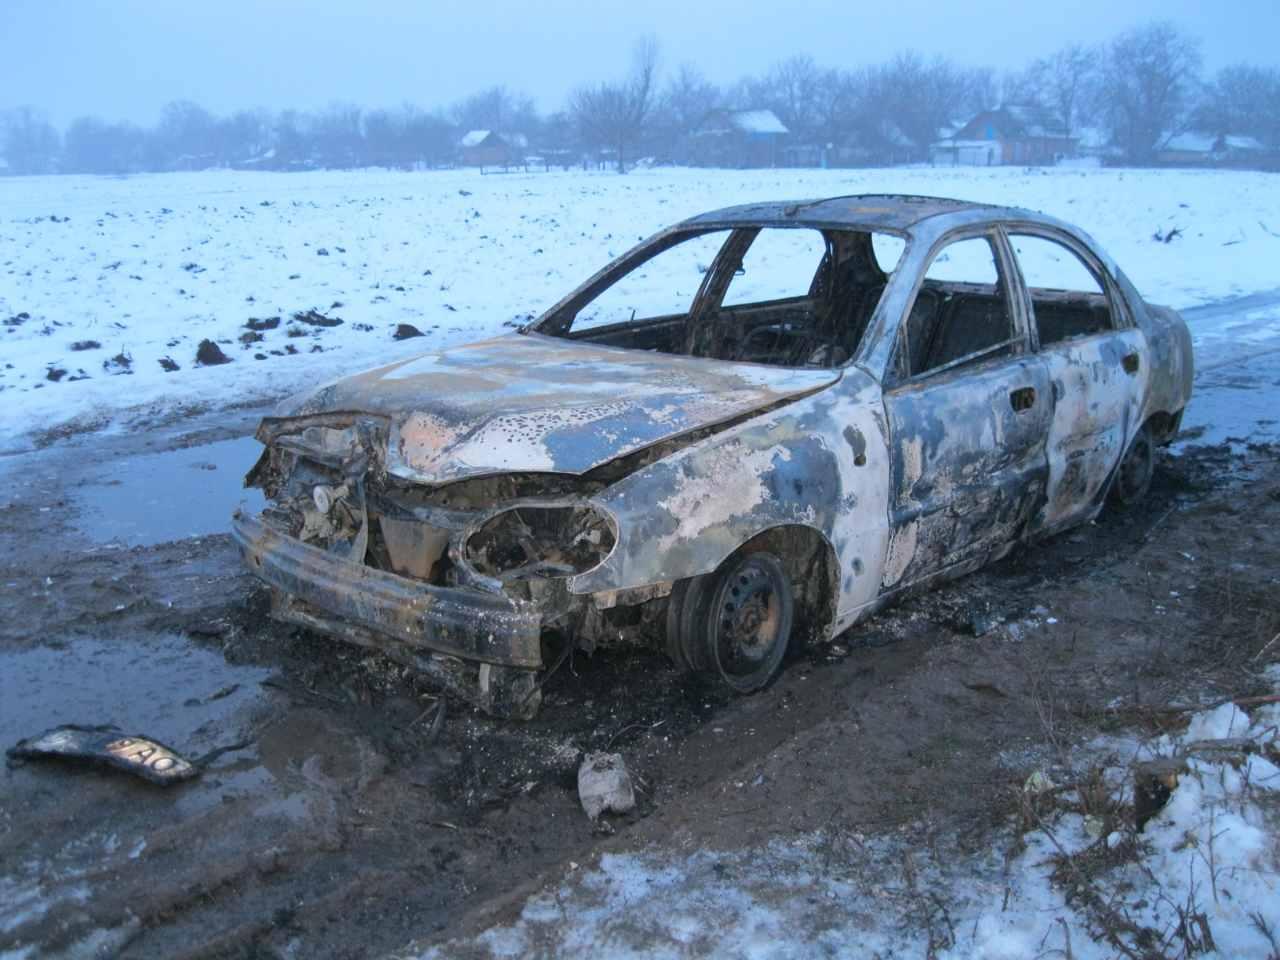 Чому в Мочулці заживо згорів водій у «Daewoo Lanos»?